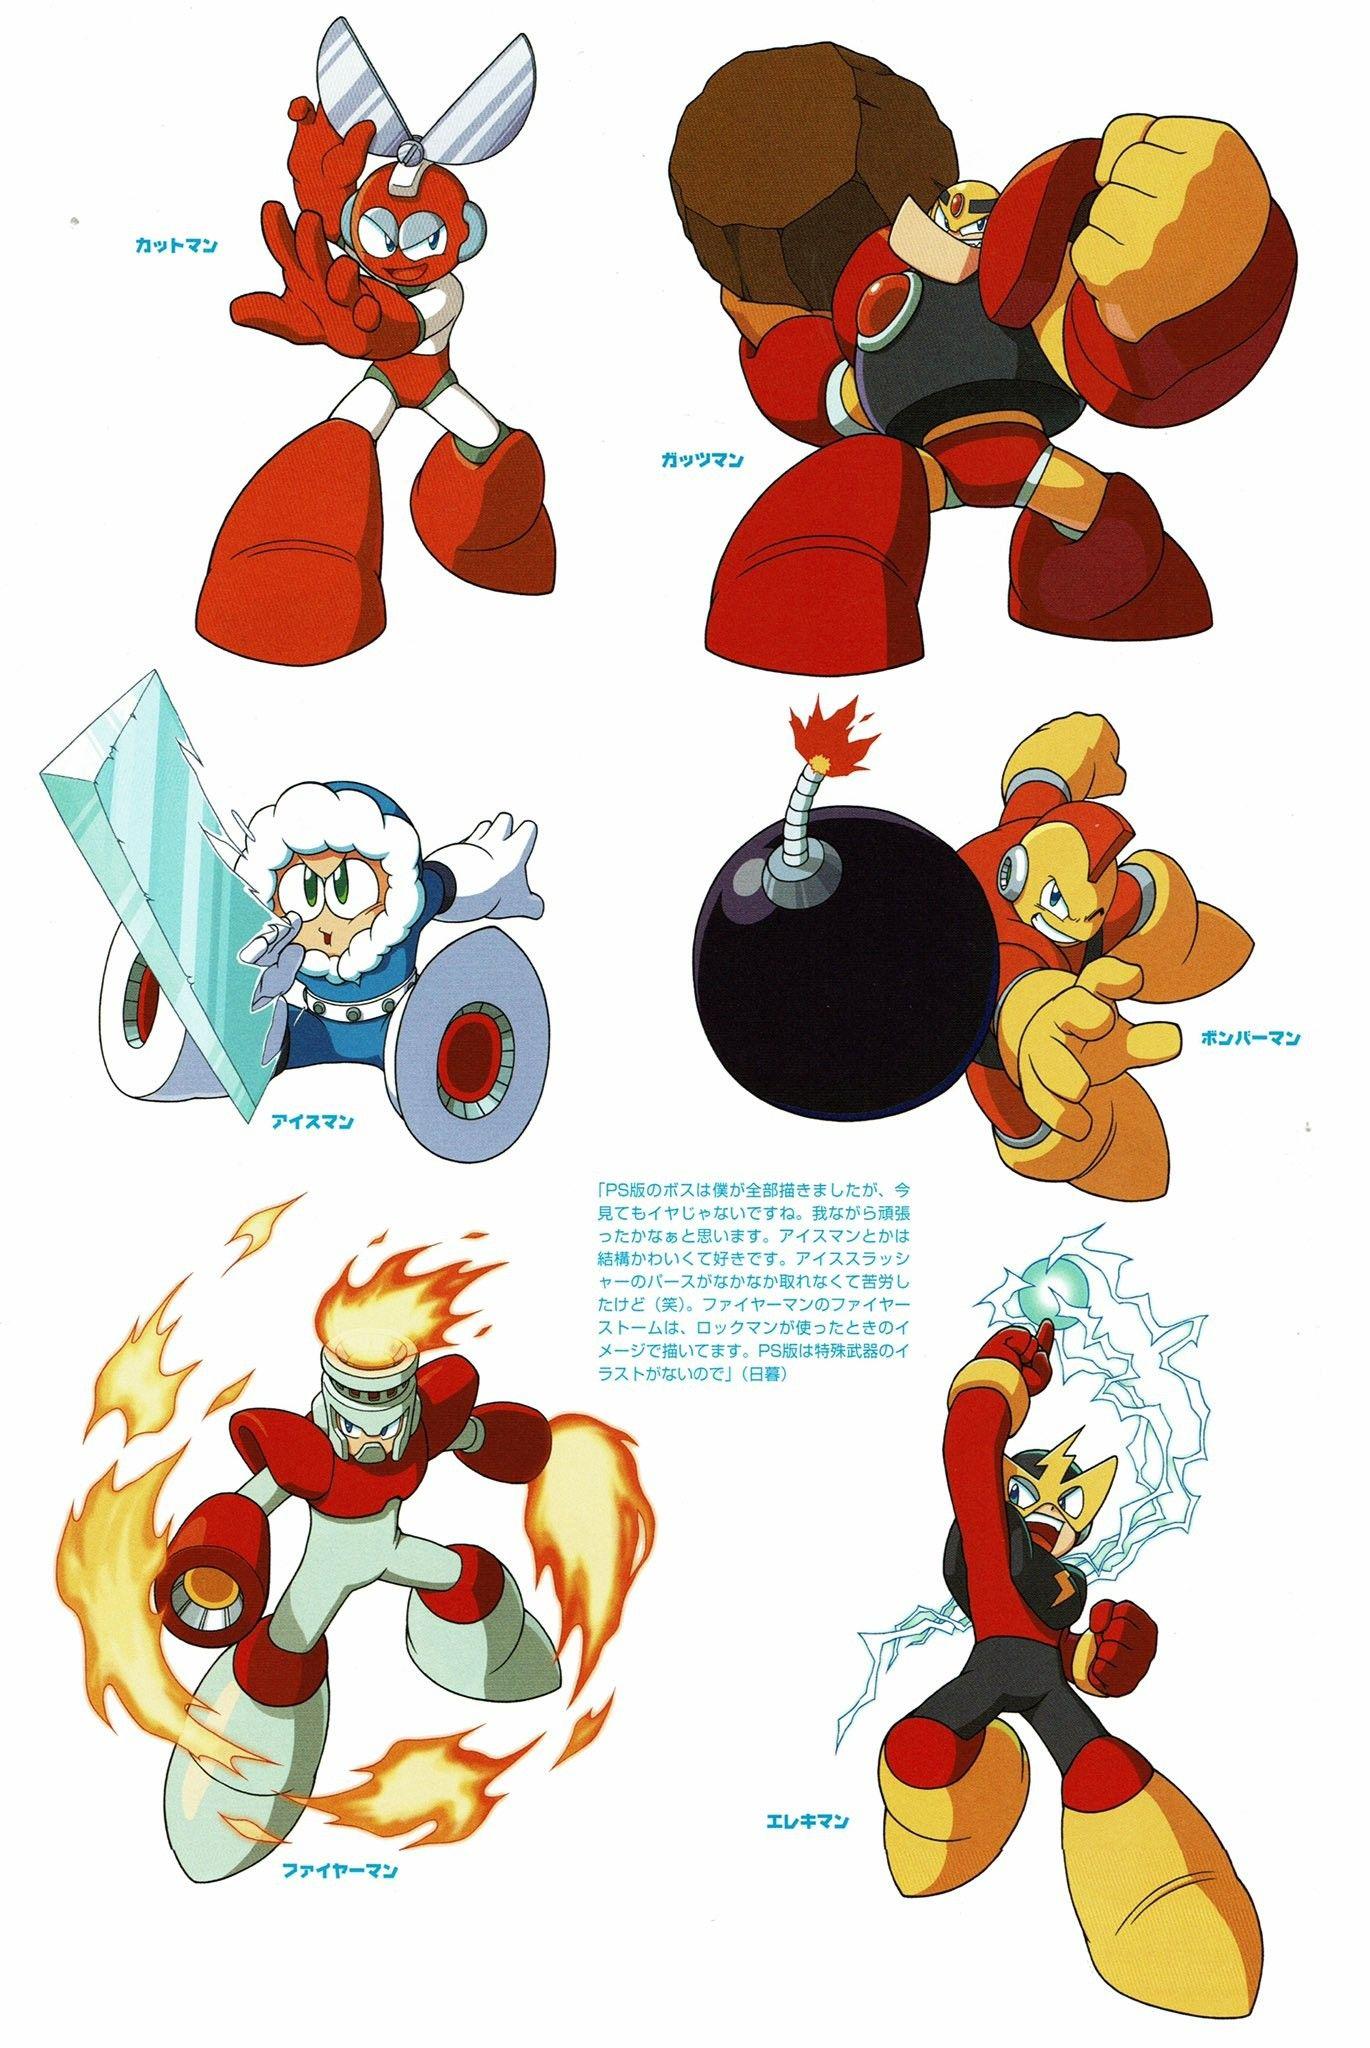 OG robot Masters. Megaman